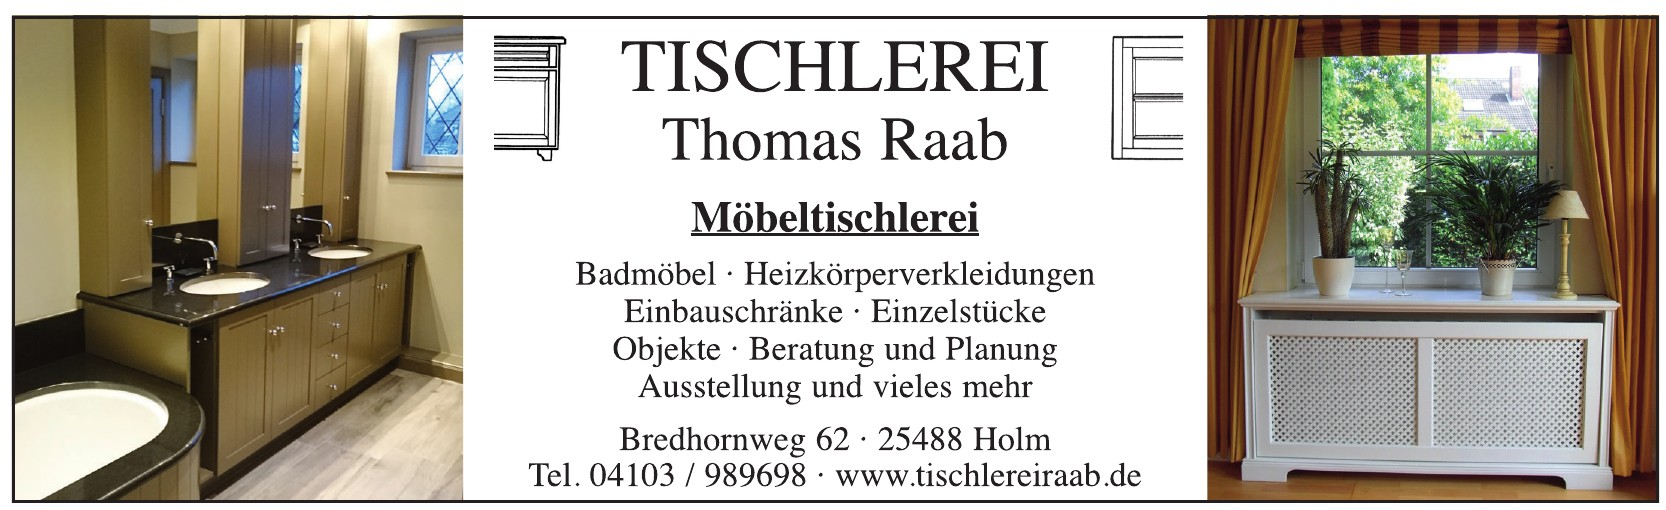 Tischlerei Raab